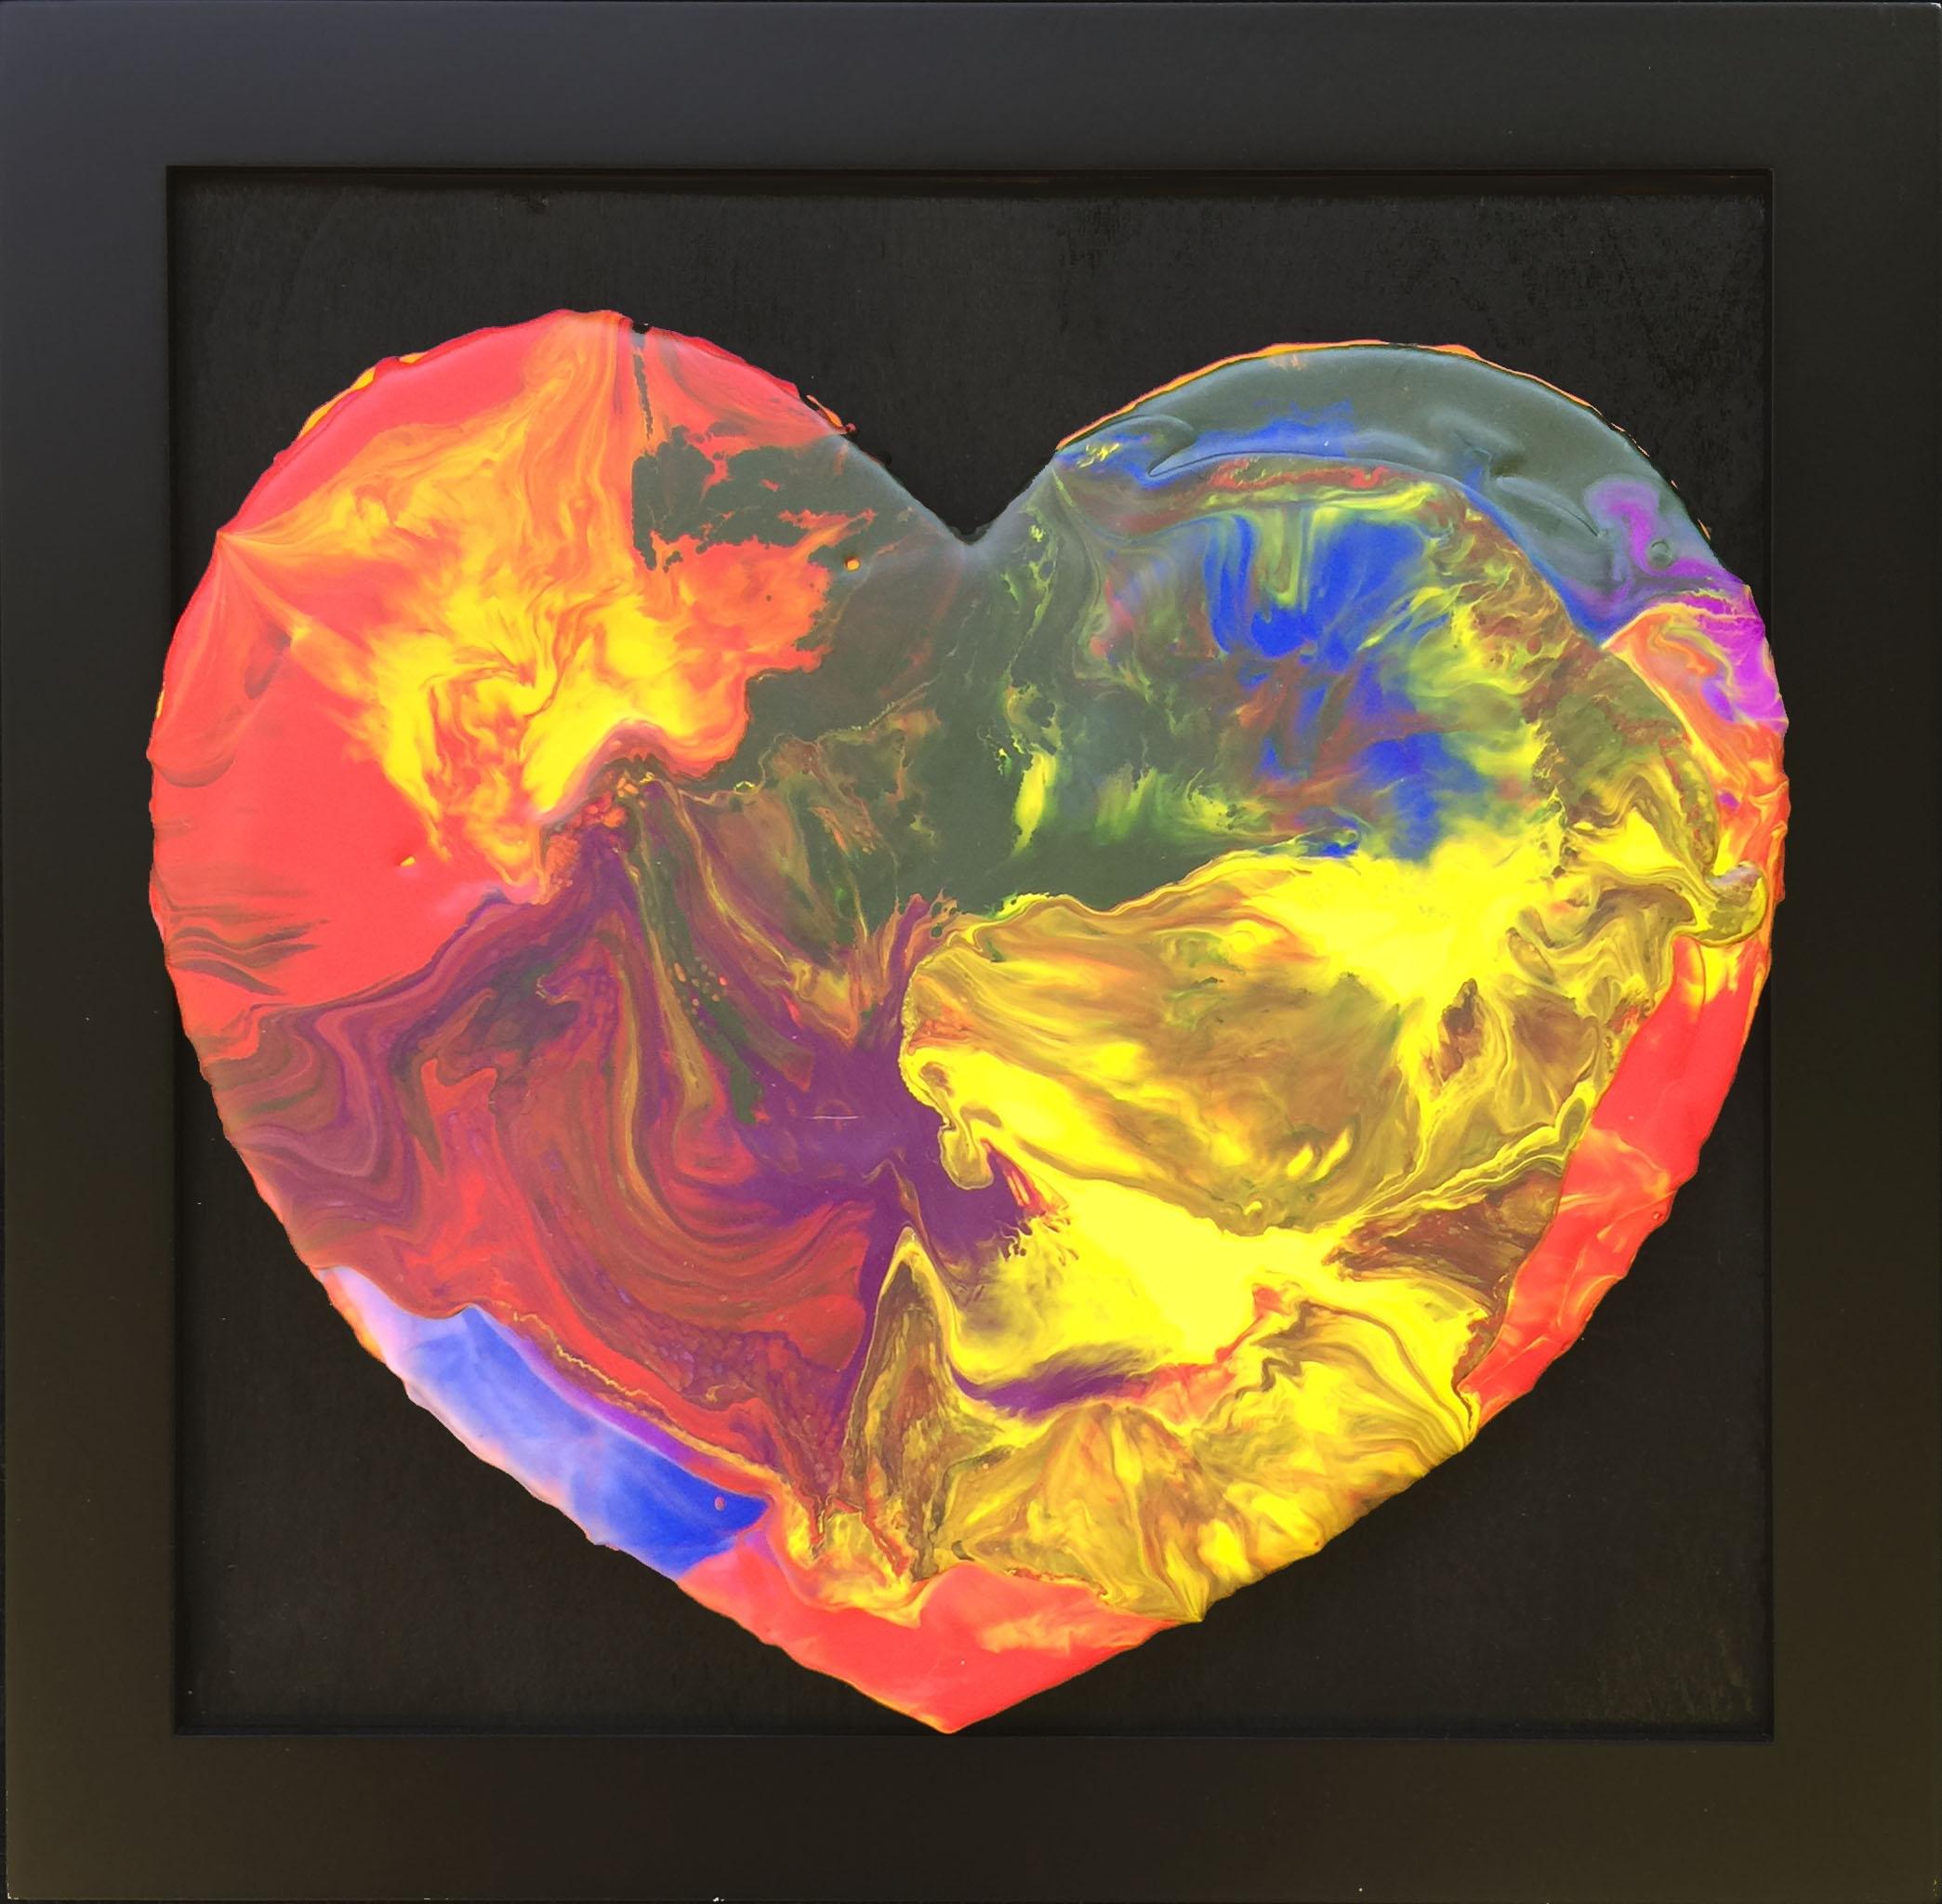 Heart12.jpg